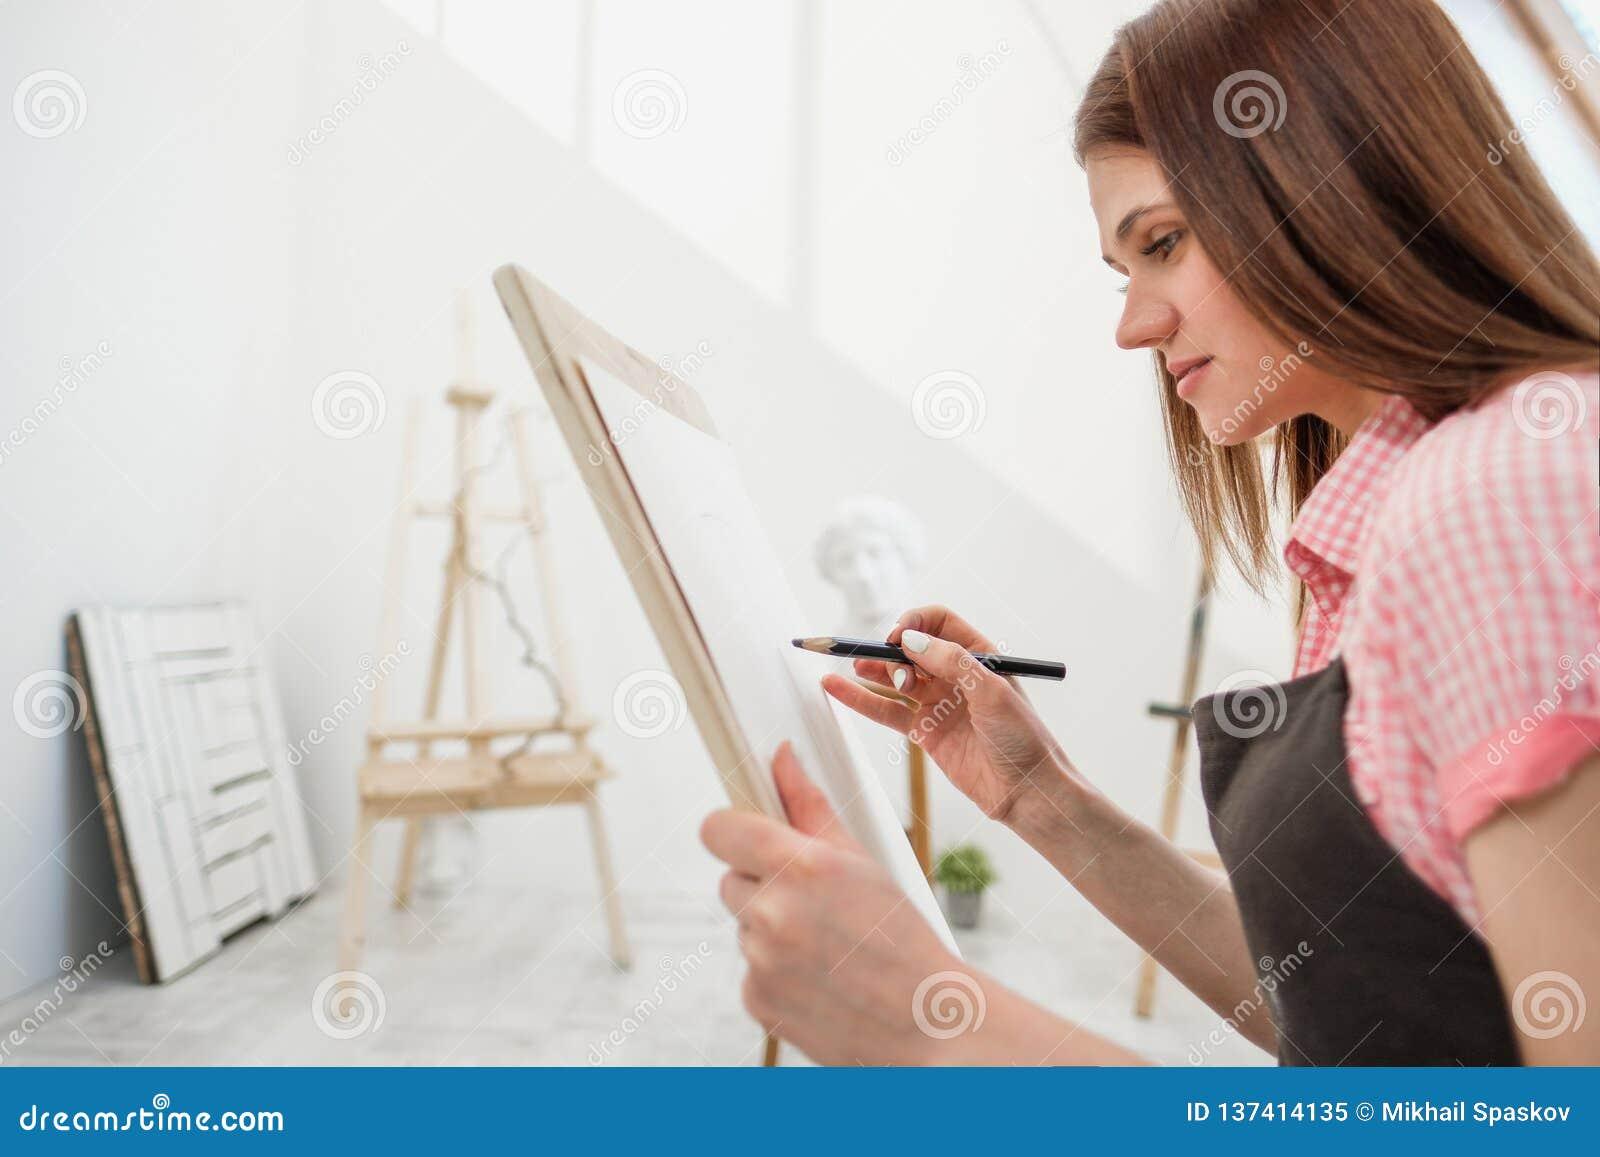 Junge Künstlerin zeichnet einen Bleistift auf Segeltuch